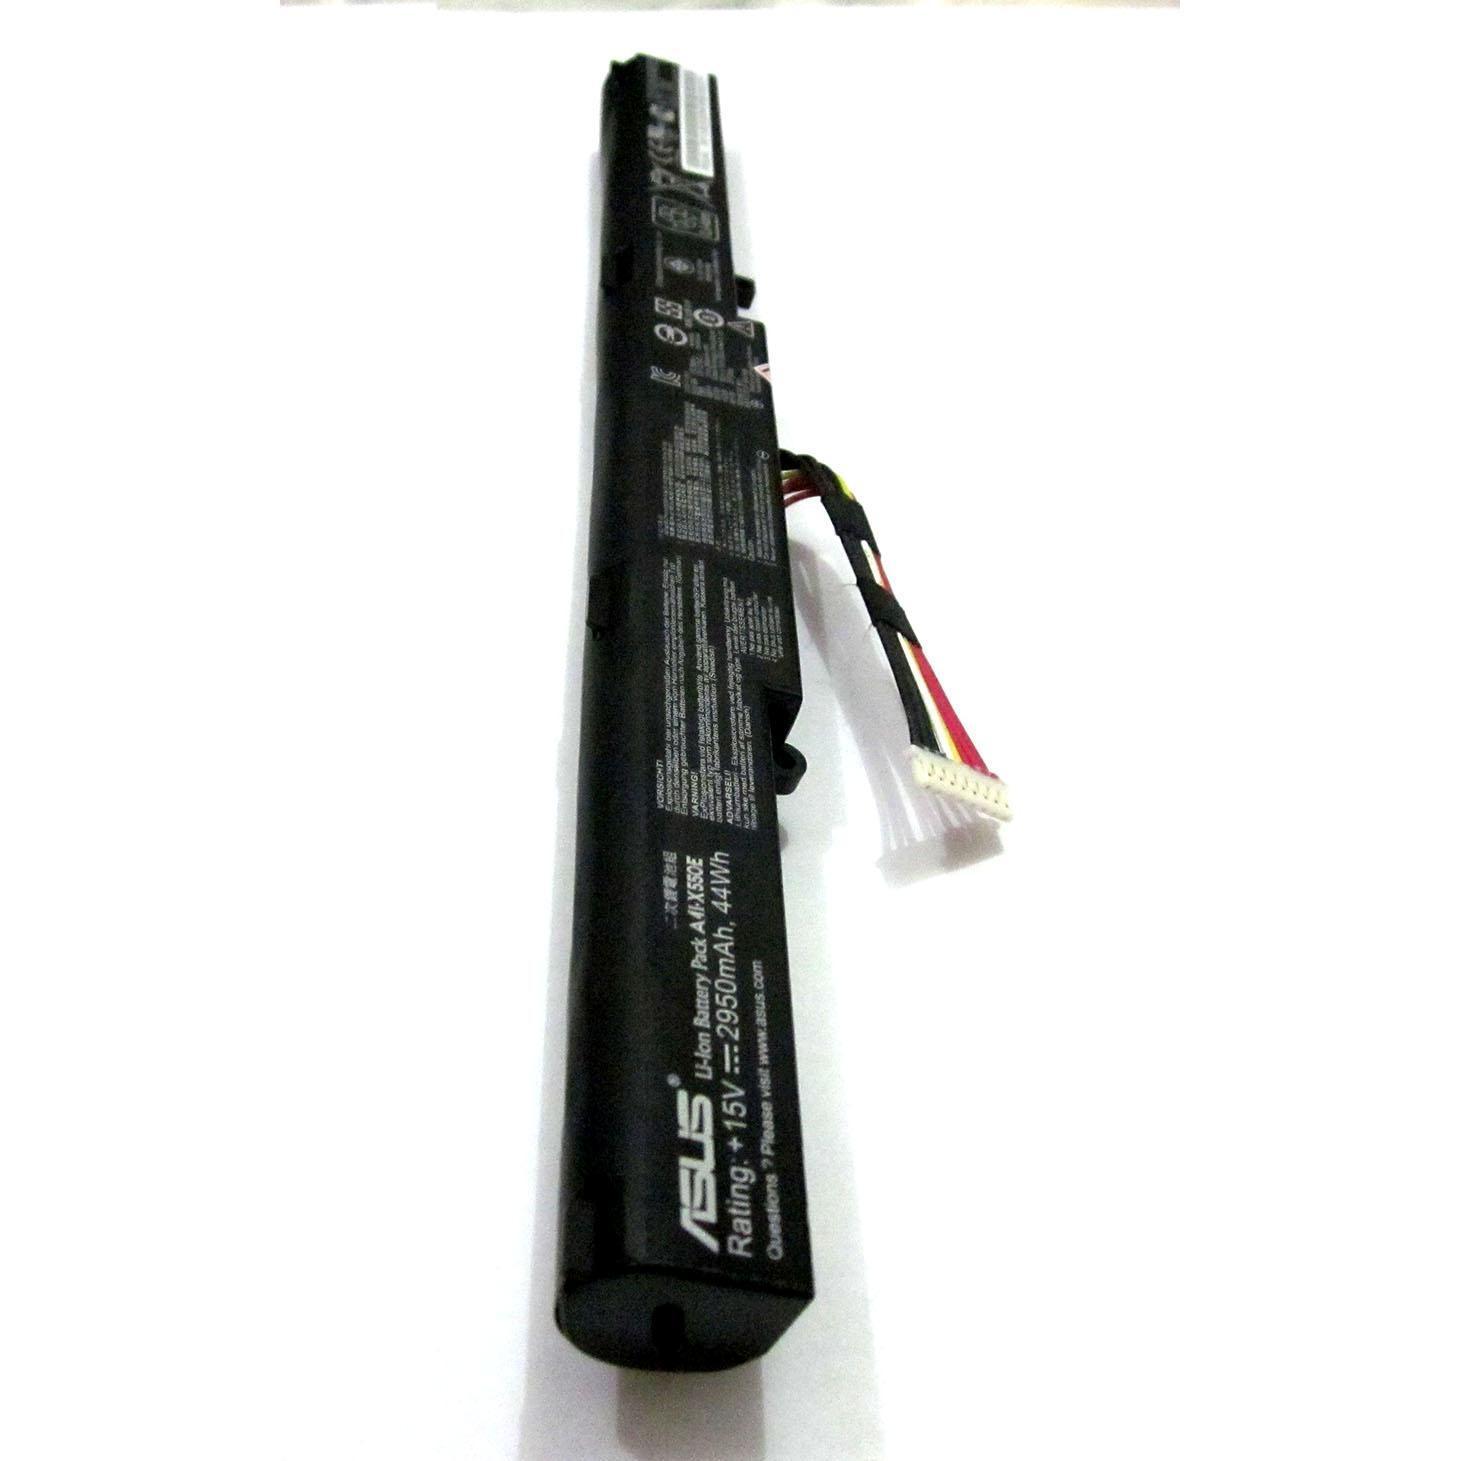 Asus Battery Vivobook X200 X200ca X200la X200ma A31n1302 Hitam Baterai Original F200ca Batre X550 X550e X550d X550dp X450 X450j X450jf A450j